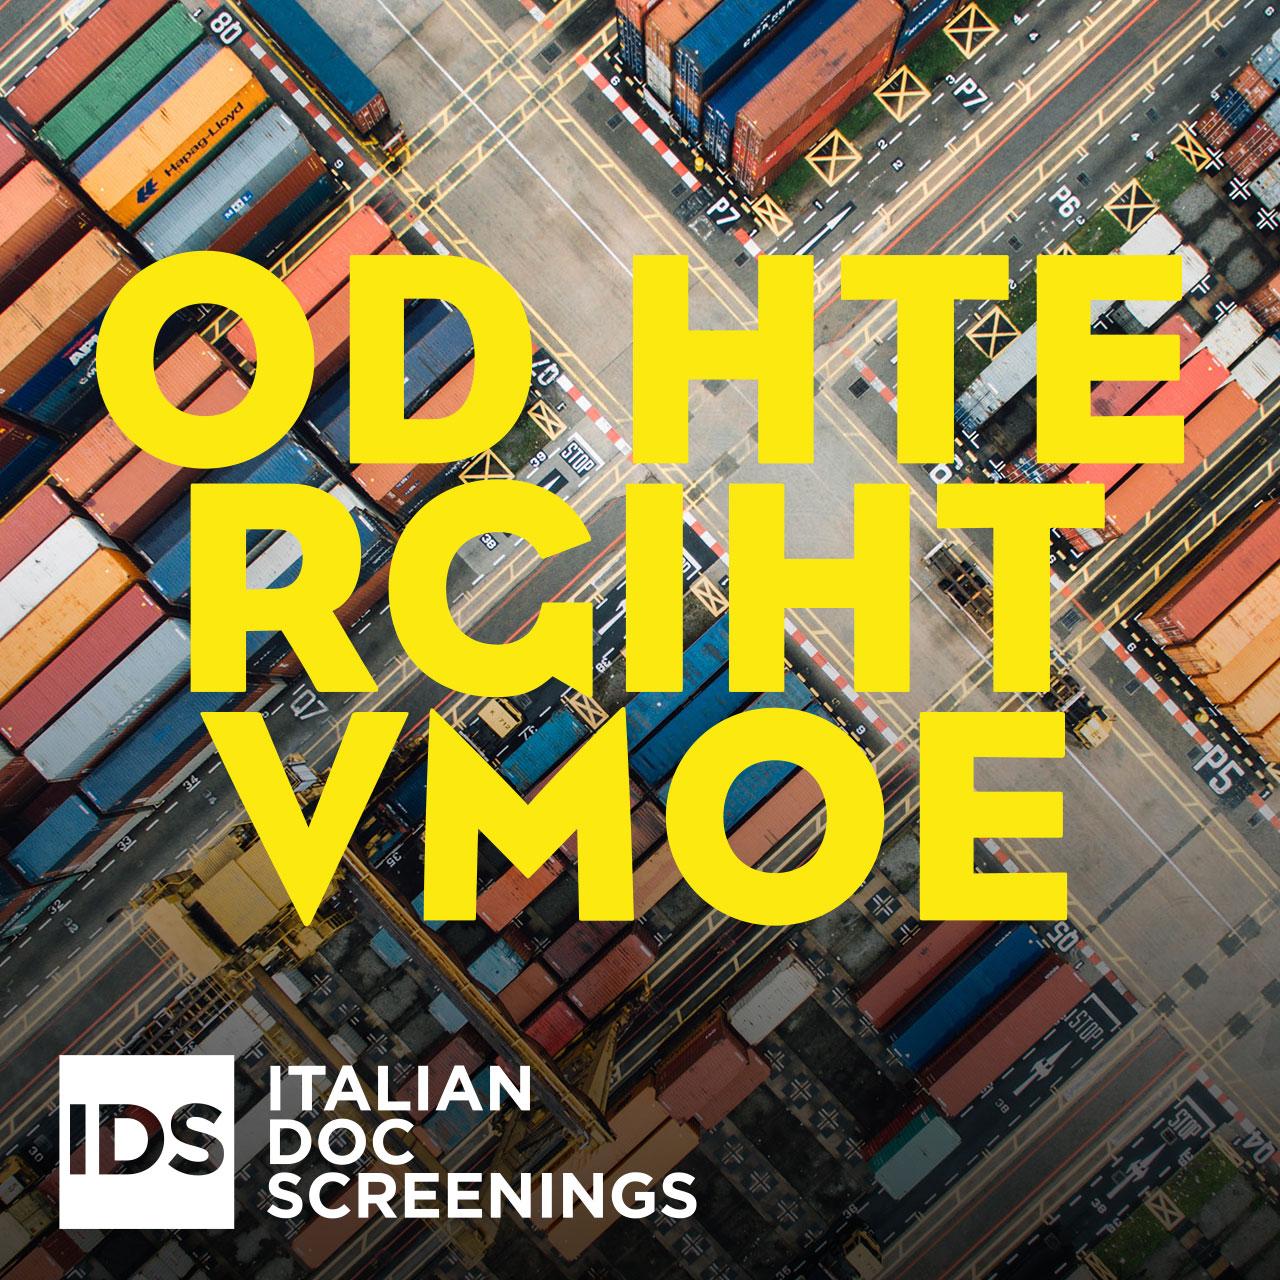 Italian Doc Screenings